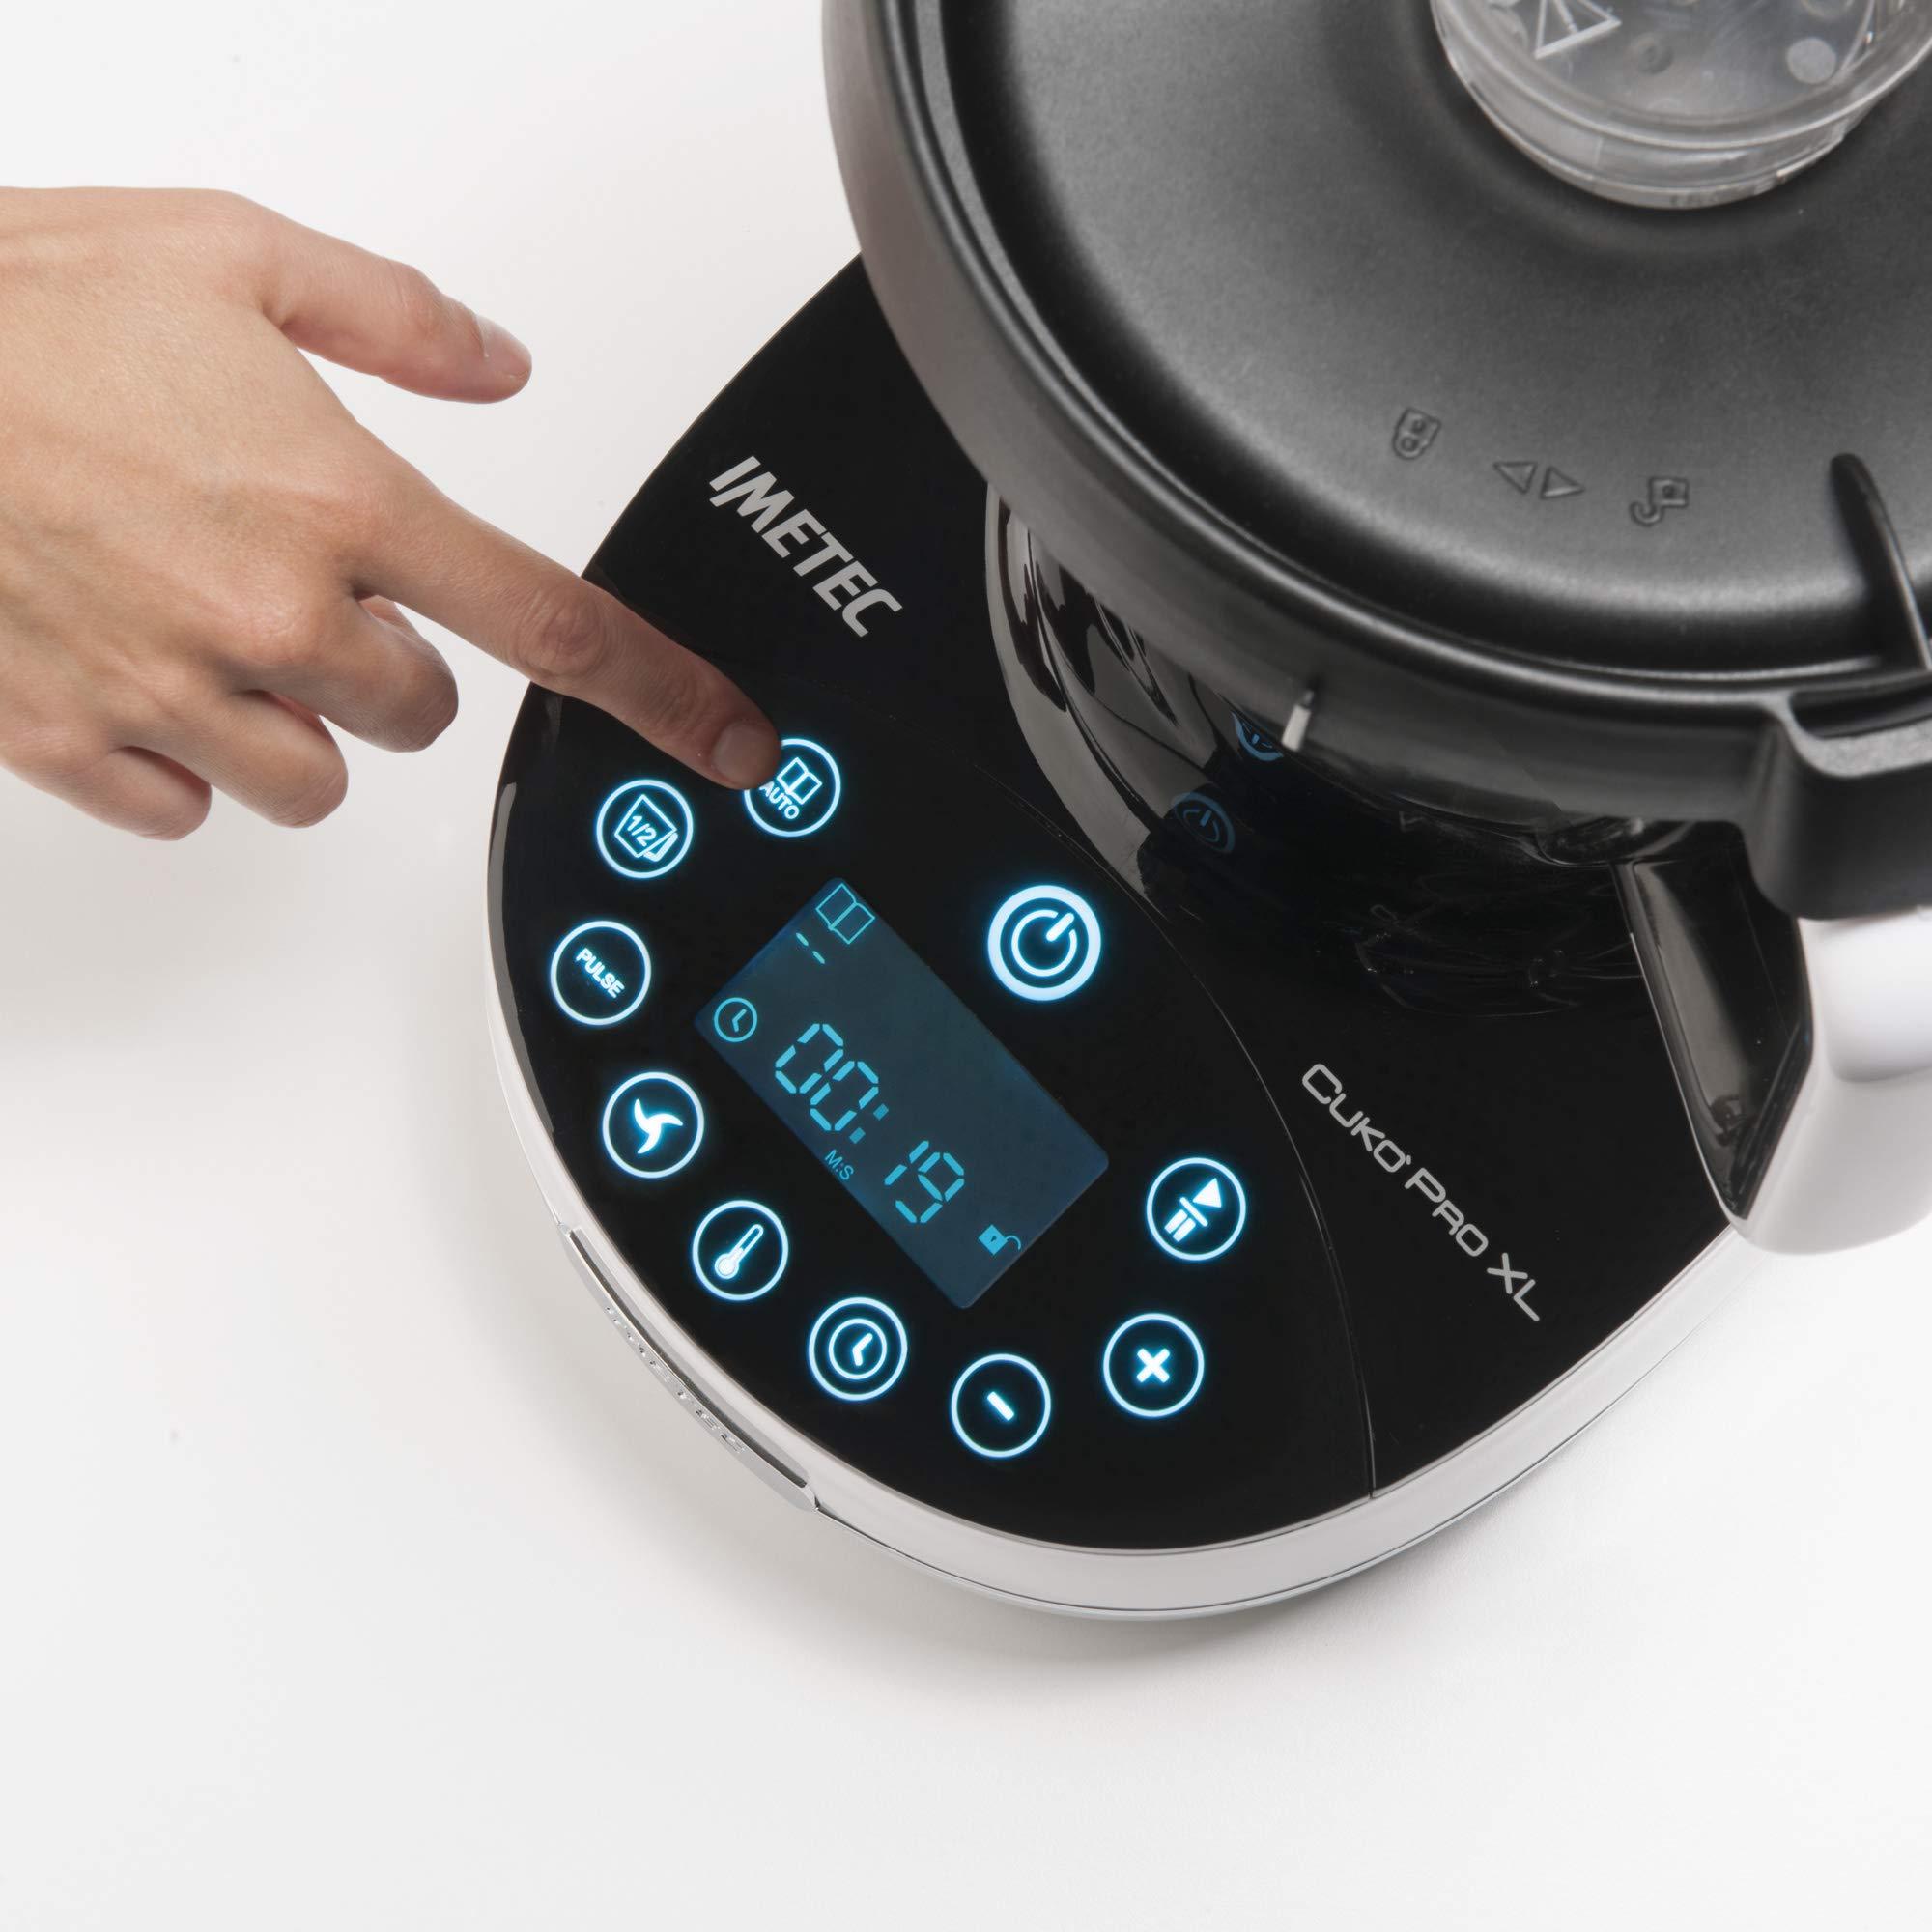 Prezzo Cuko Di Imetec.Imetec Cuko Pro Xl Cm3 2000 Robot Da Cucina Multifunzione Con Cottura Cooking Machine 20 Programmi Automatici 10 Funzioni Impasta Pane E Pizza 6